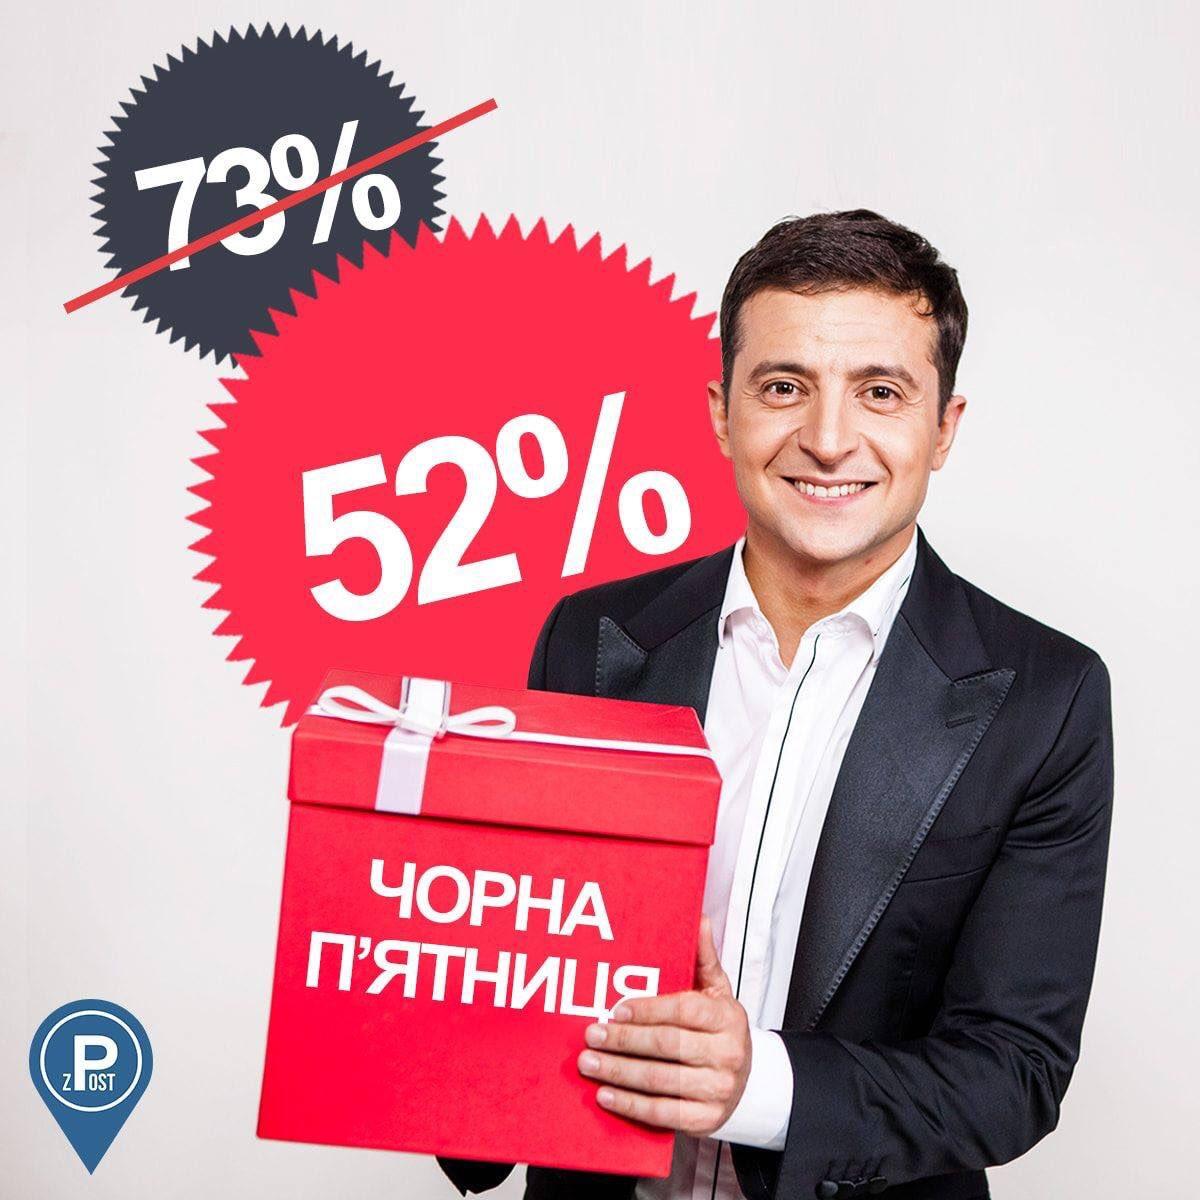 Онищенко собирается вернуться в Украину, - СМИ - Цензор.НЕТ 4520